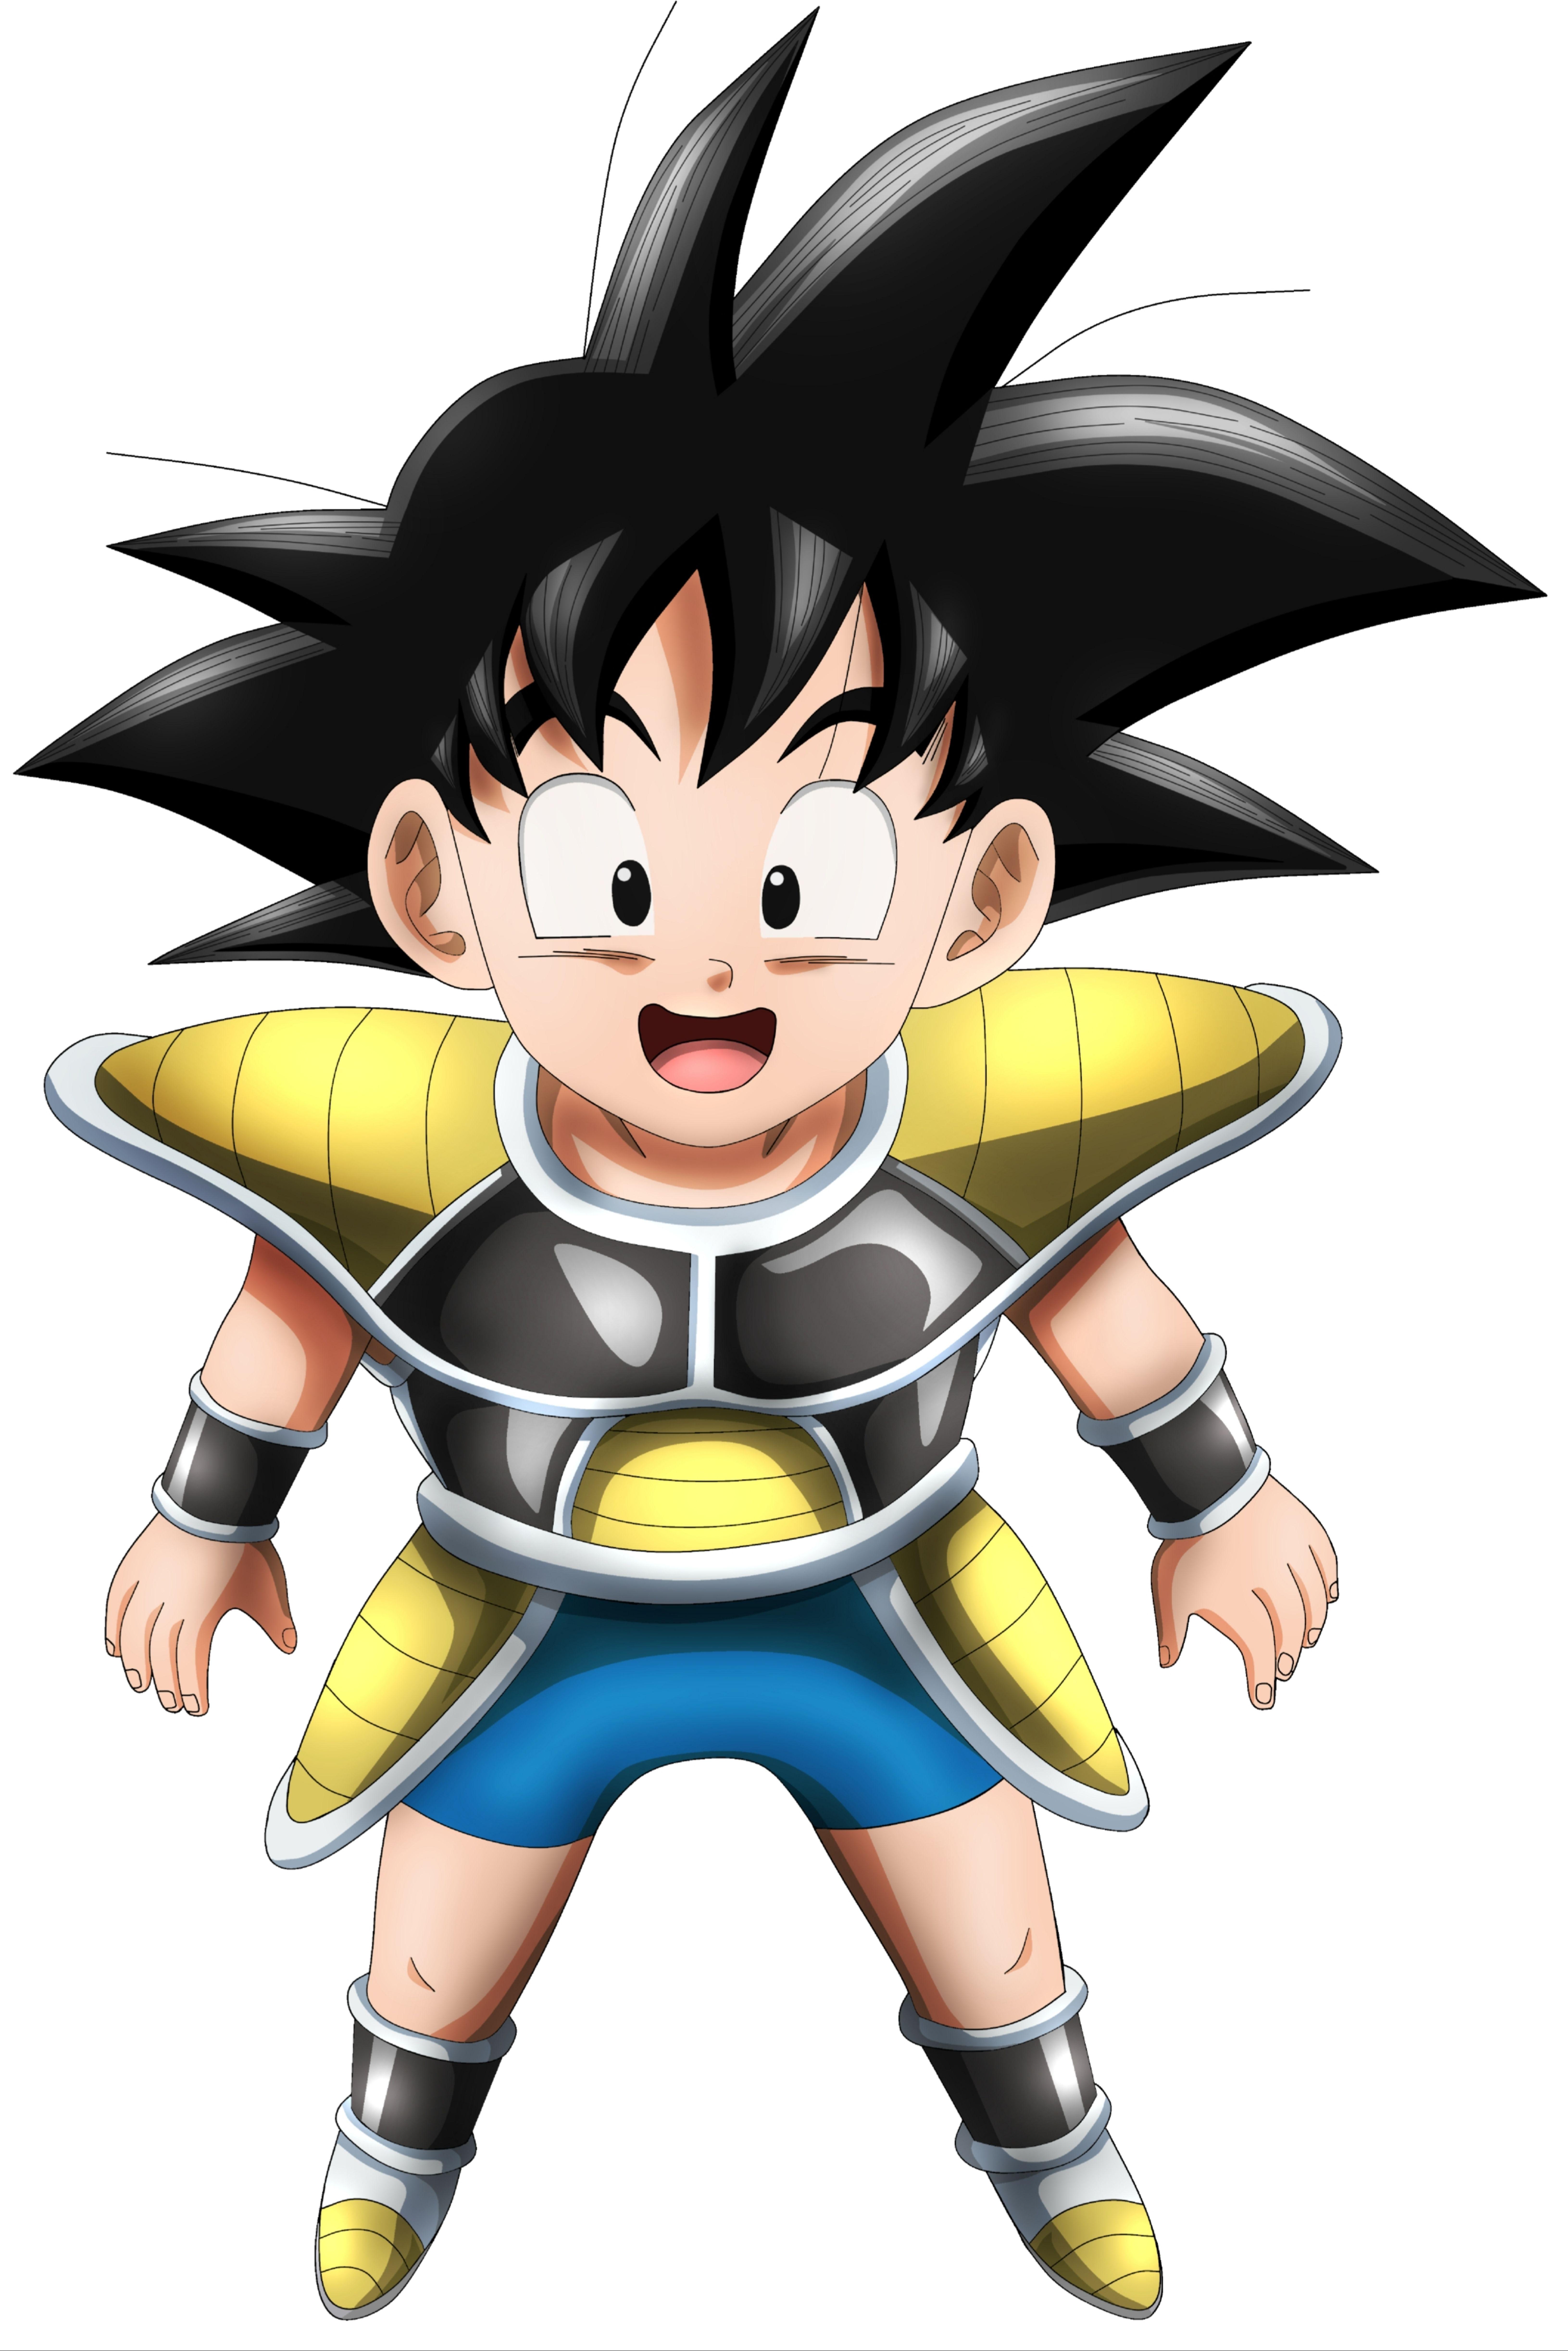 Kid Goku Dragon Ball Super Goku Dragon Ball Super Dragon Ball